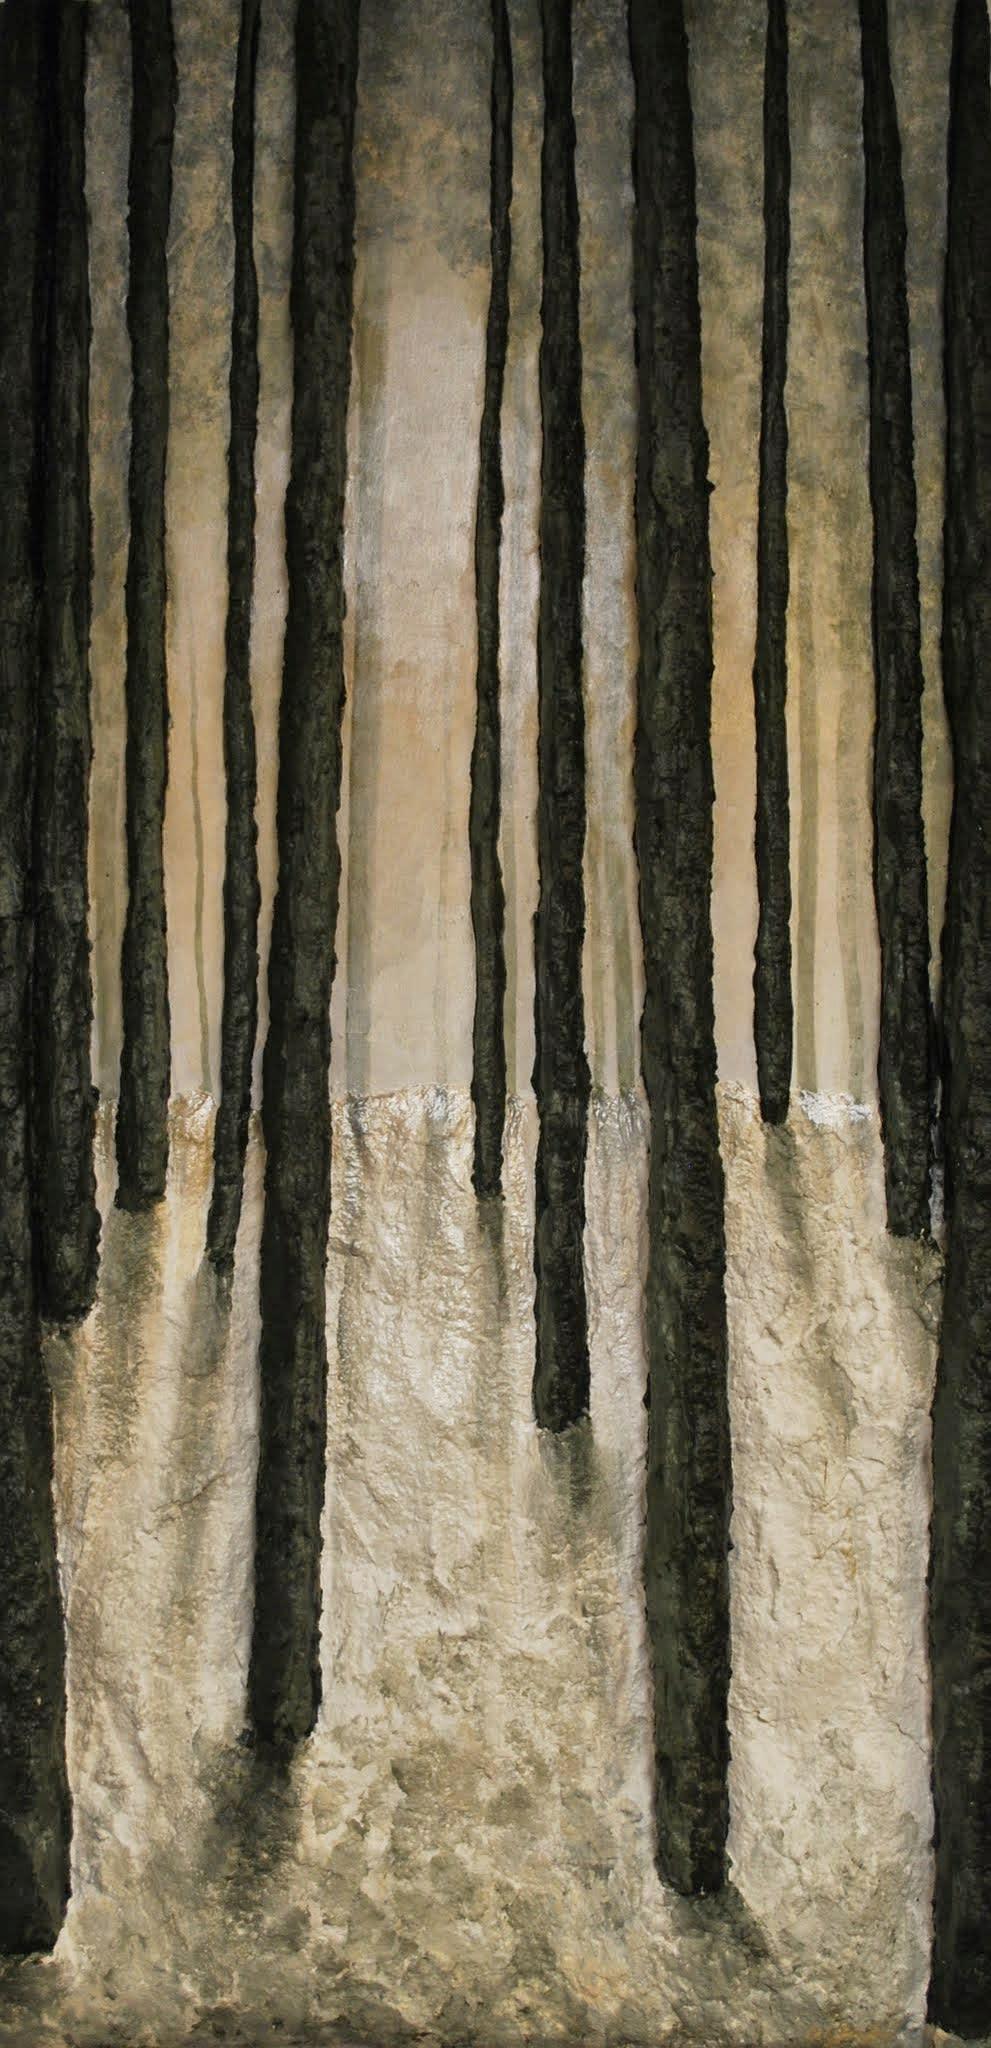 Winter woods nuzyin